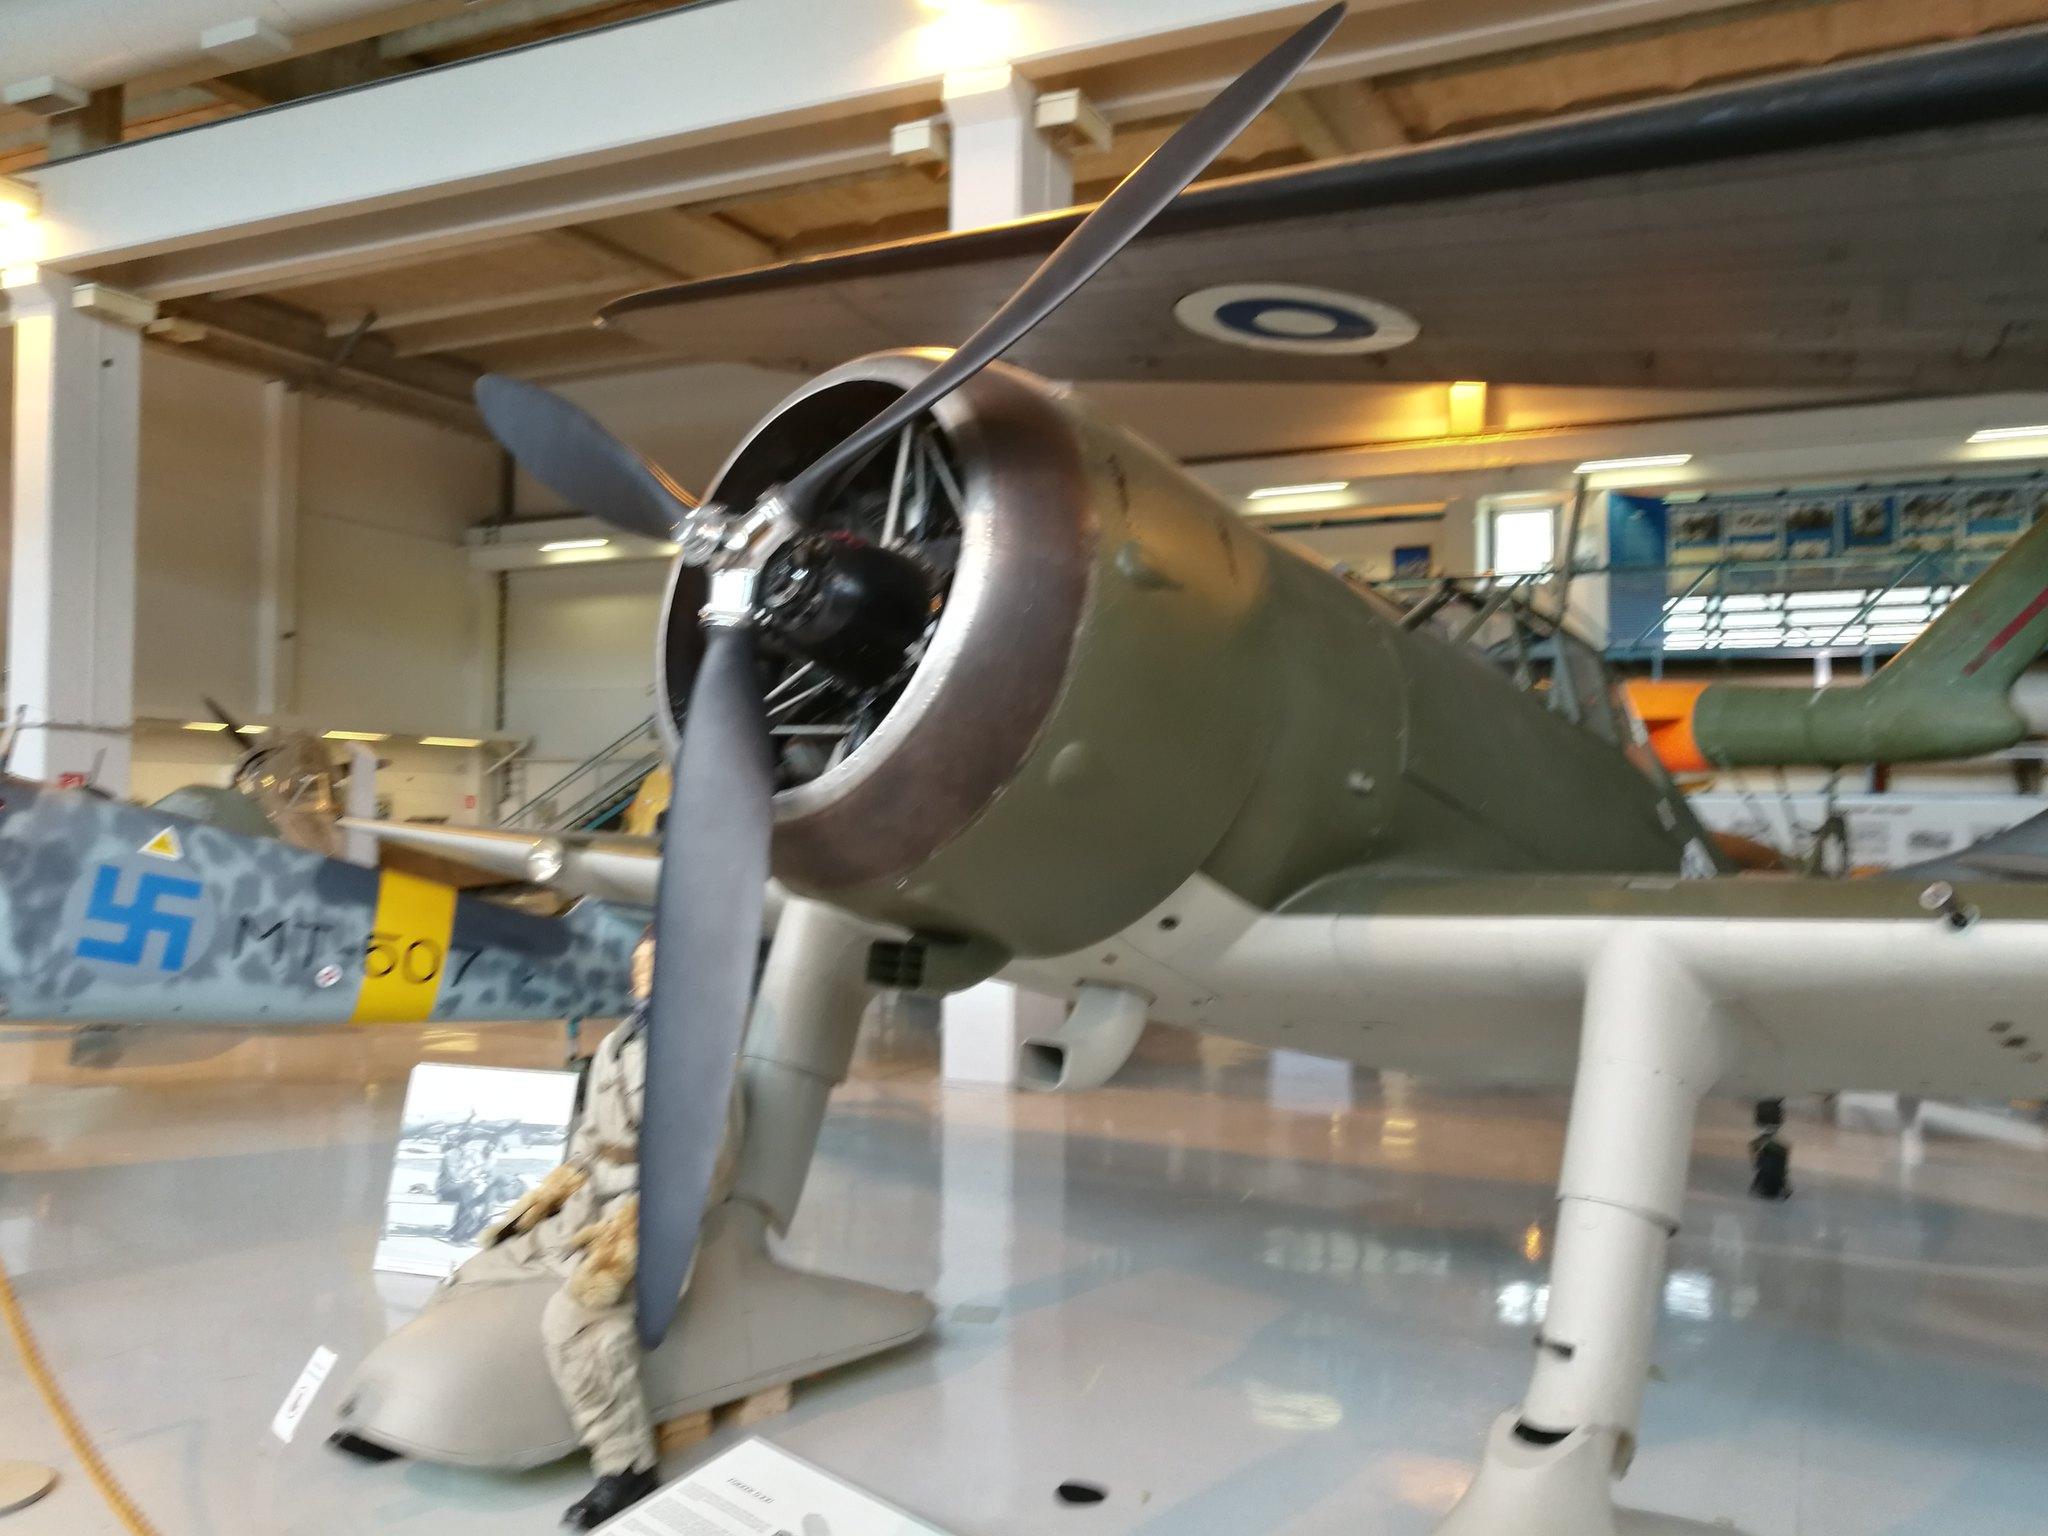 Hemkommen från semester i Finland med utflykt till Finlands Flygvapenmuseum. 48293063647_fbdb5600da_k